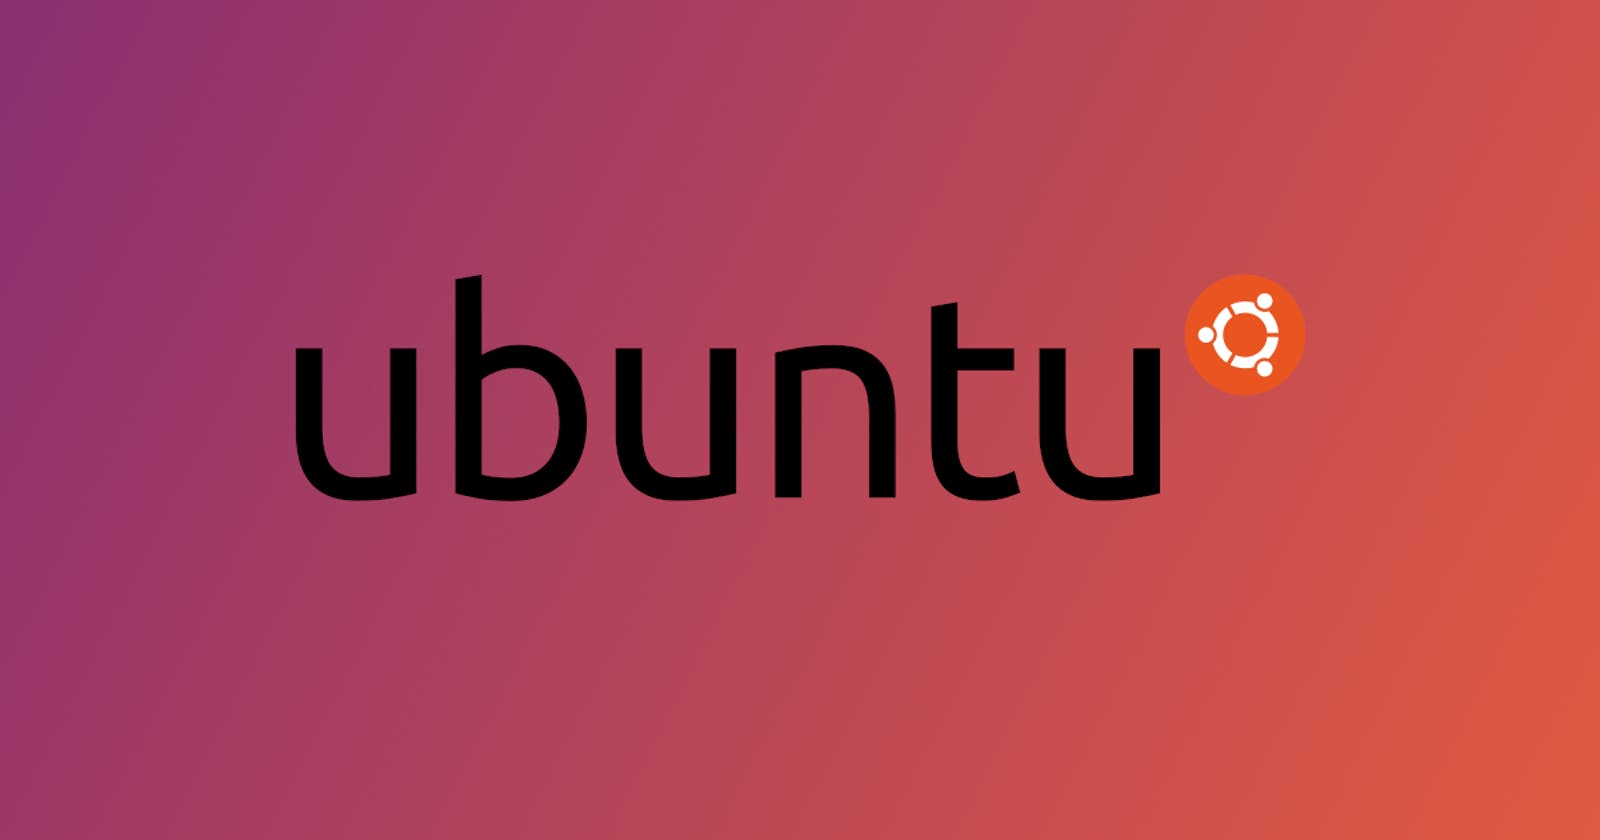 How to set up automatic updates on Ubuntu server